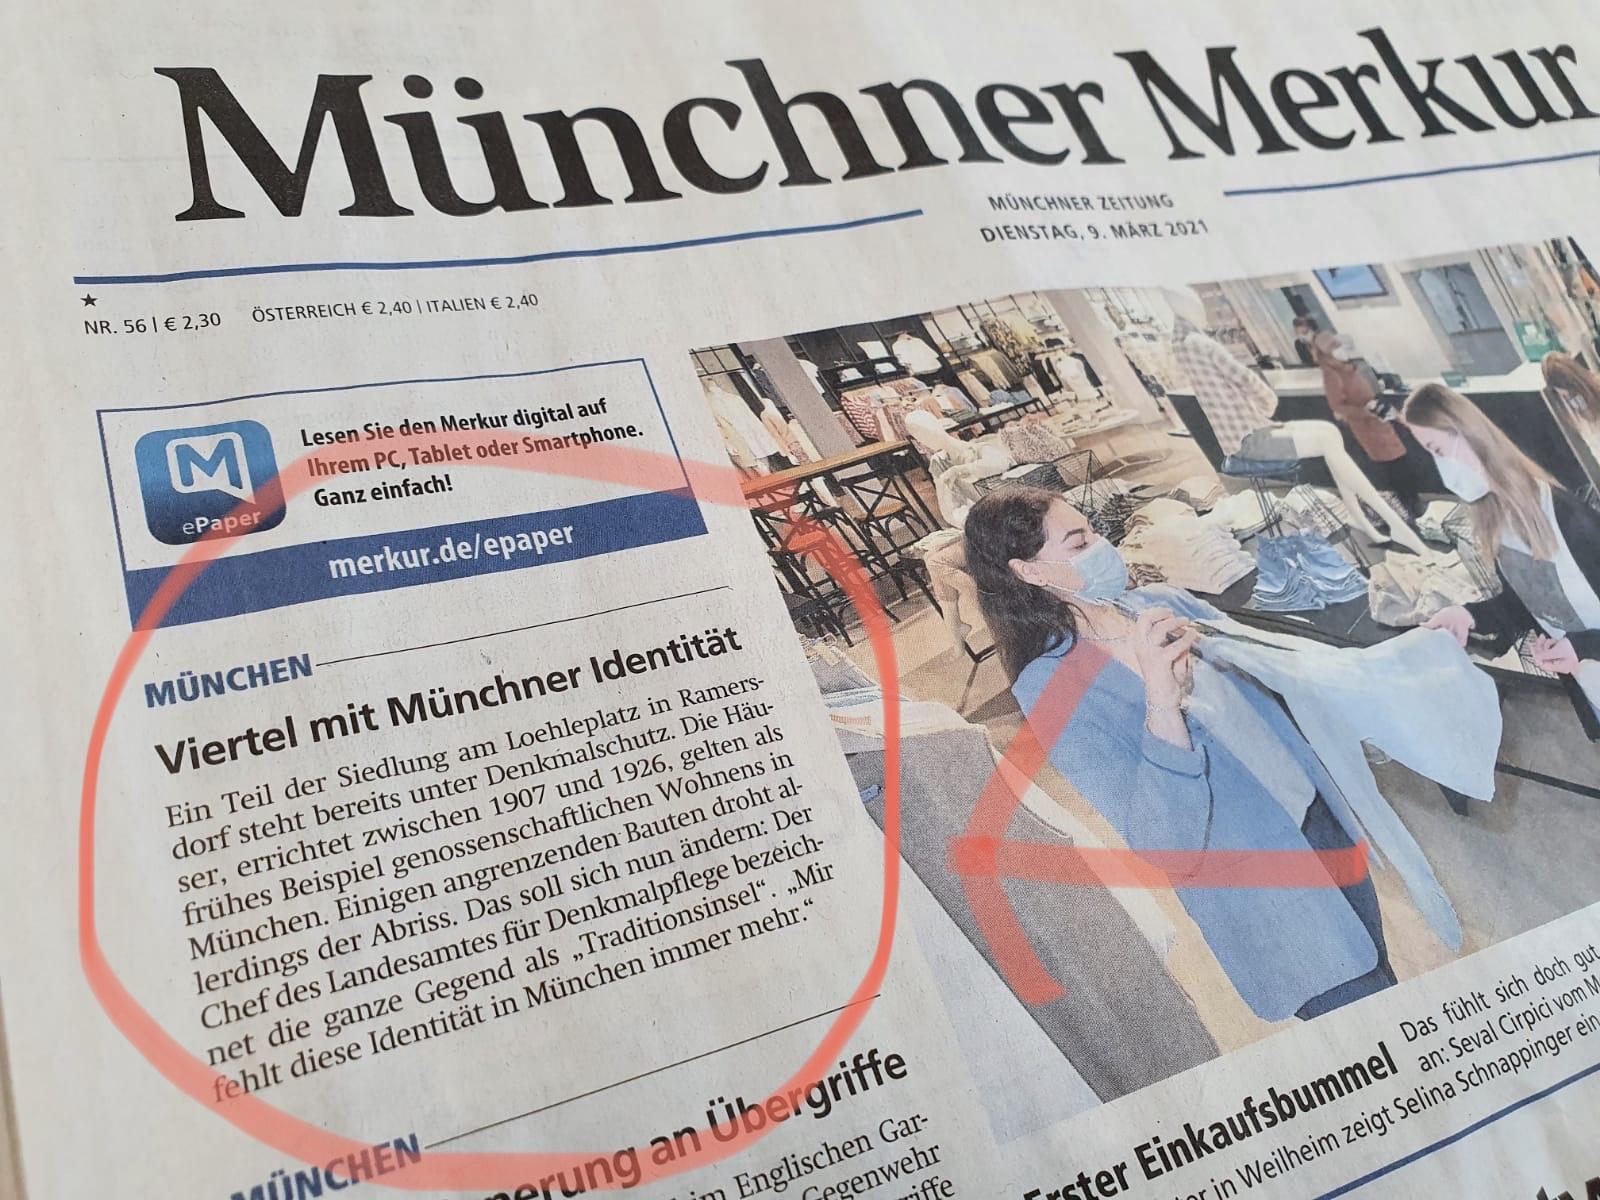 Viertel mit Münchner Identität: Ringen um ein Stück altes München